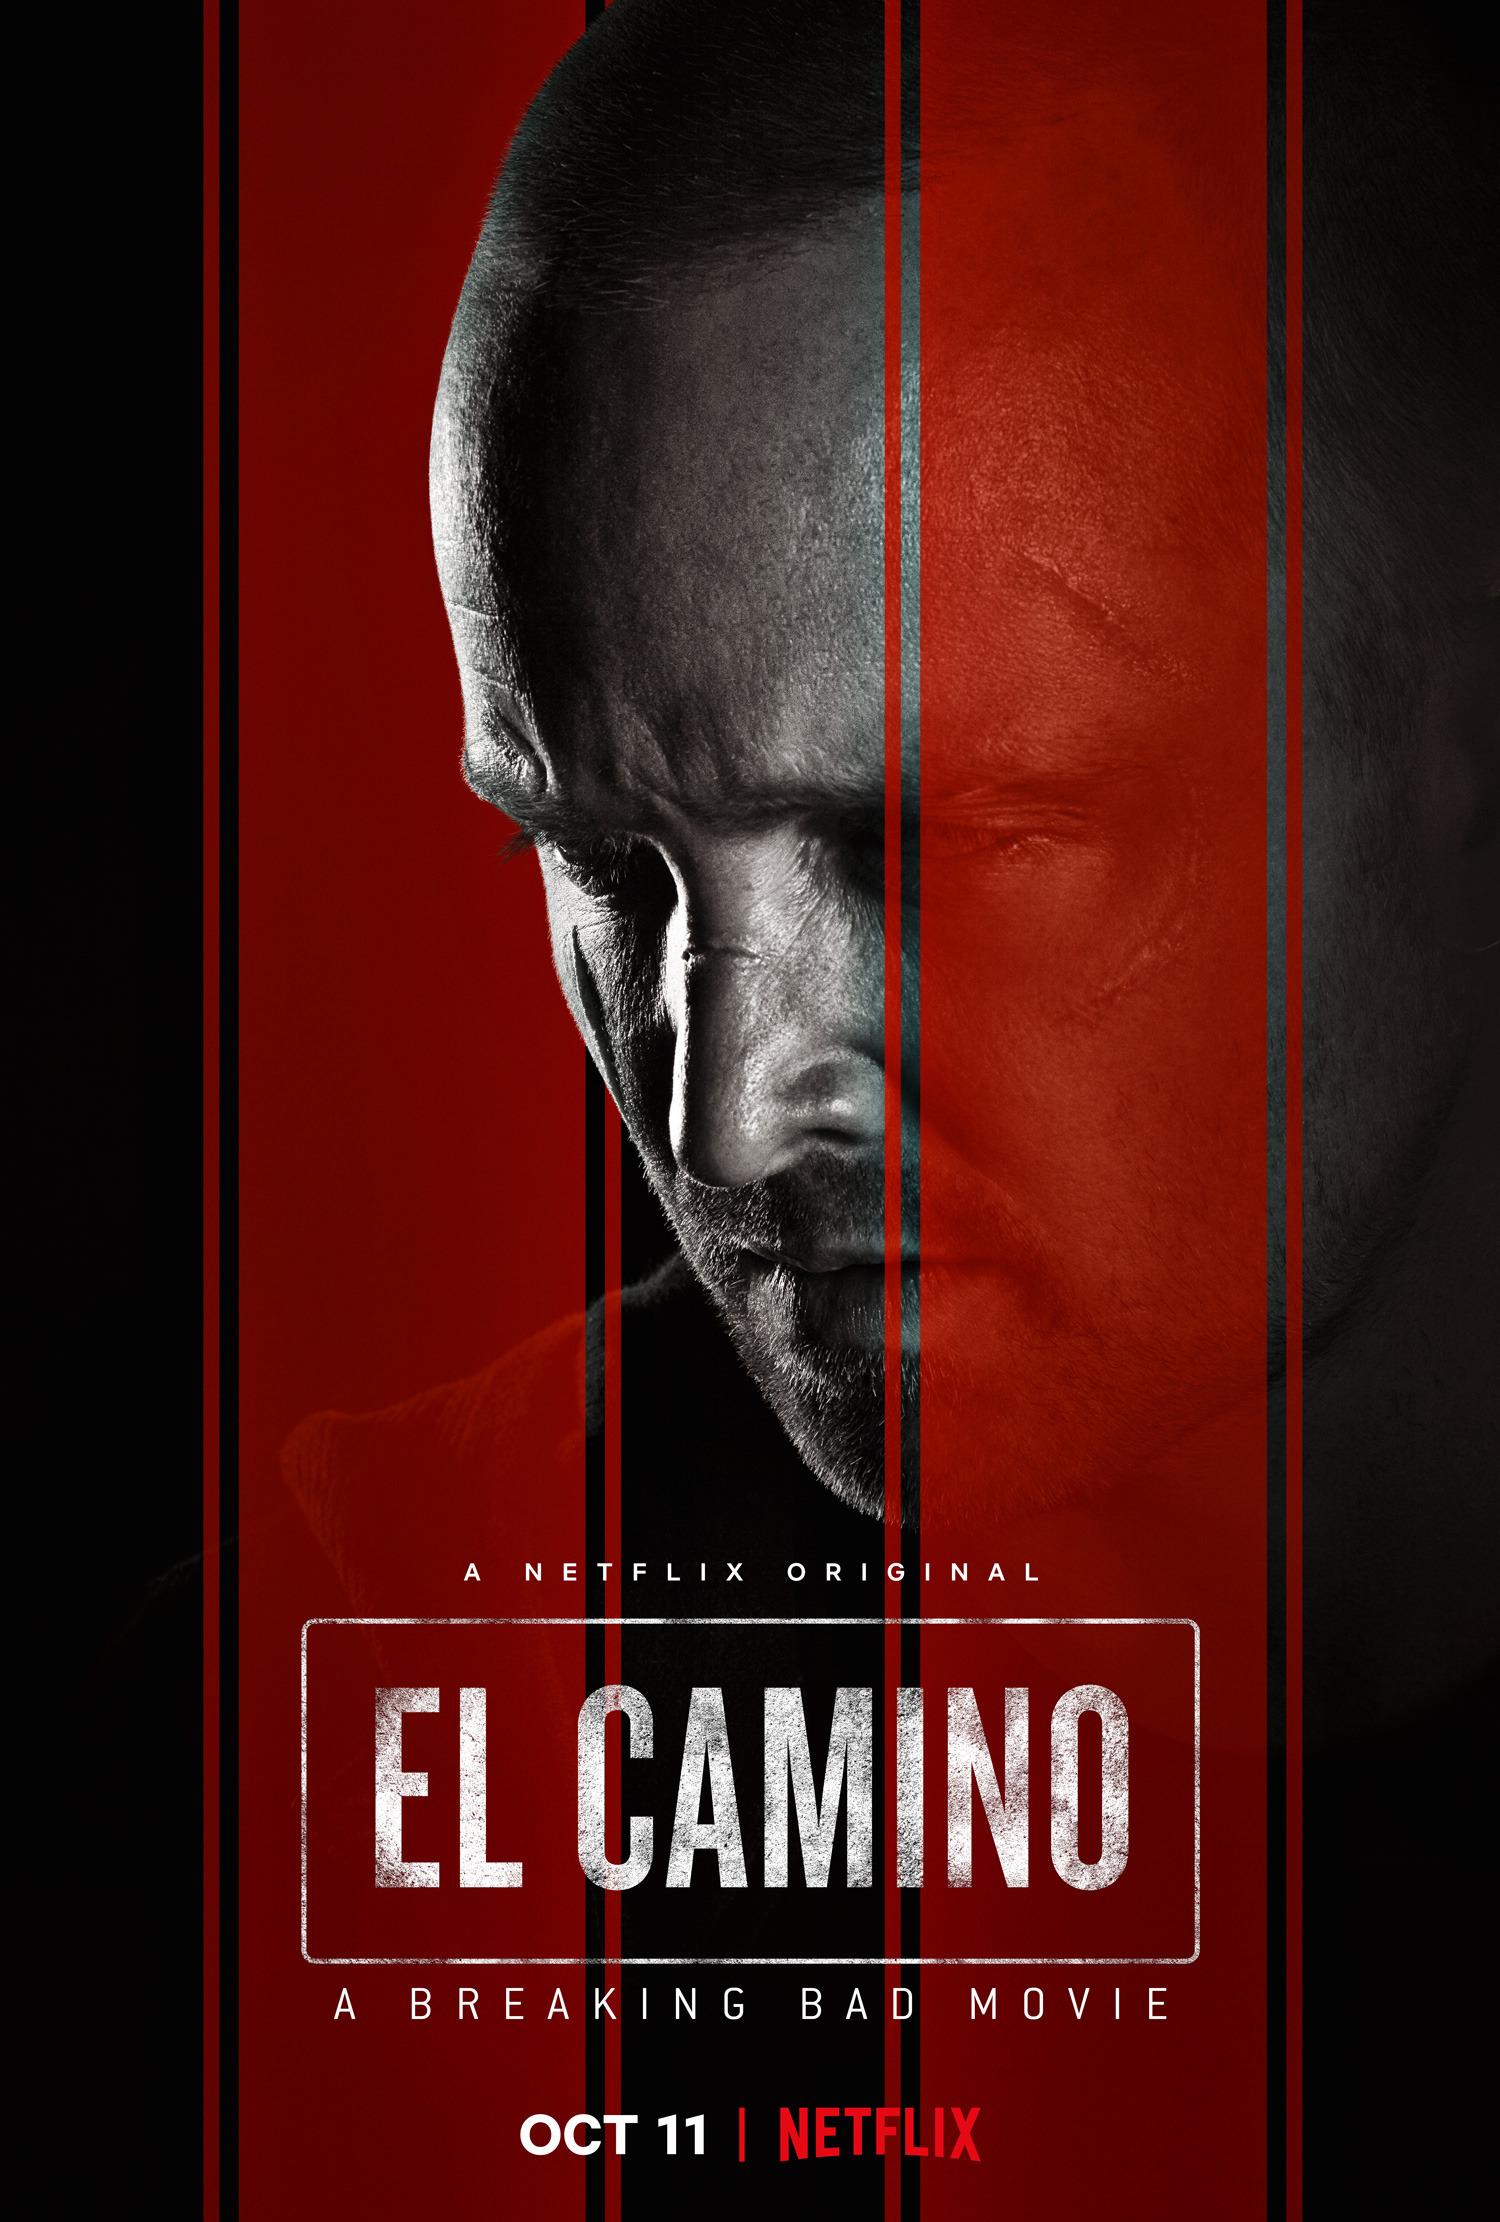 492-el_camino_a_breaking_bad_movie_ver2_xxlg.jpg